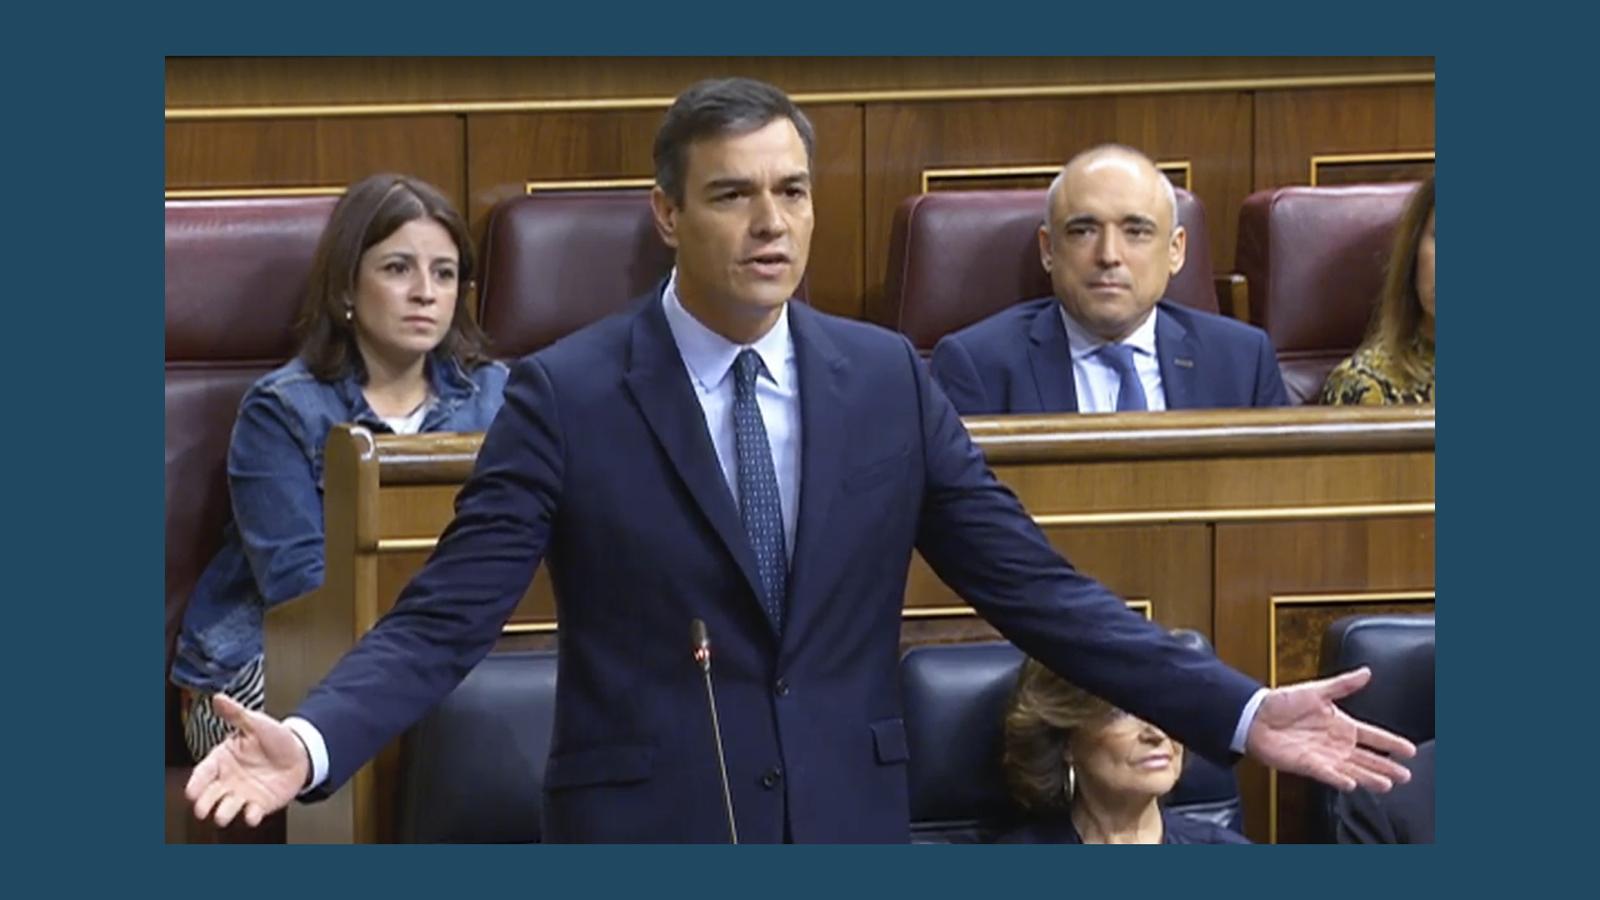 L'anàlisi d'Antoni Bassas: 'Pedro Sánchez comença la campanya amb demagògia anticatalana'